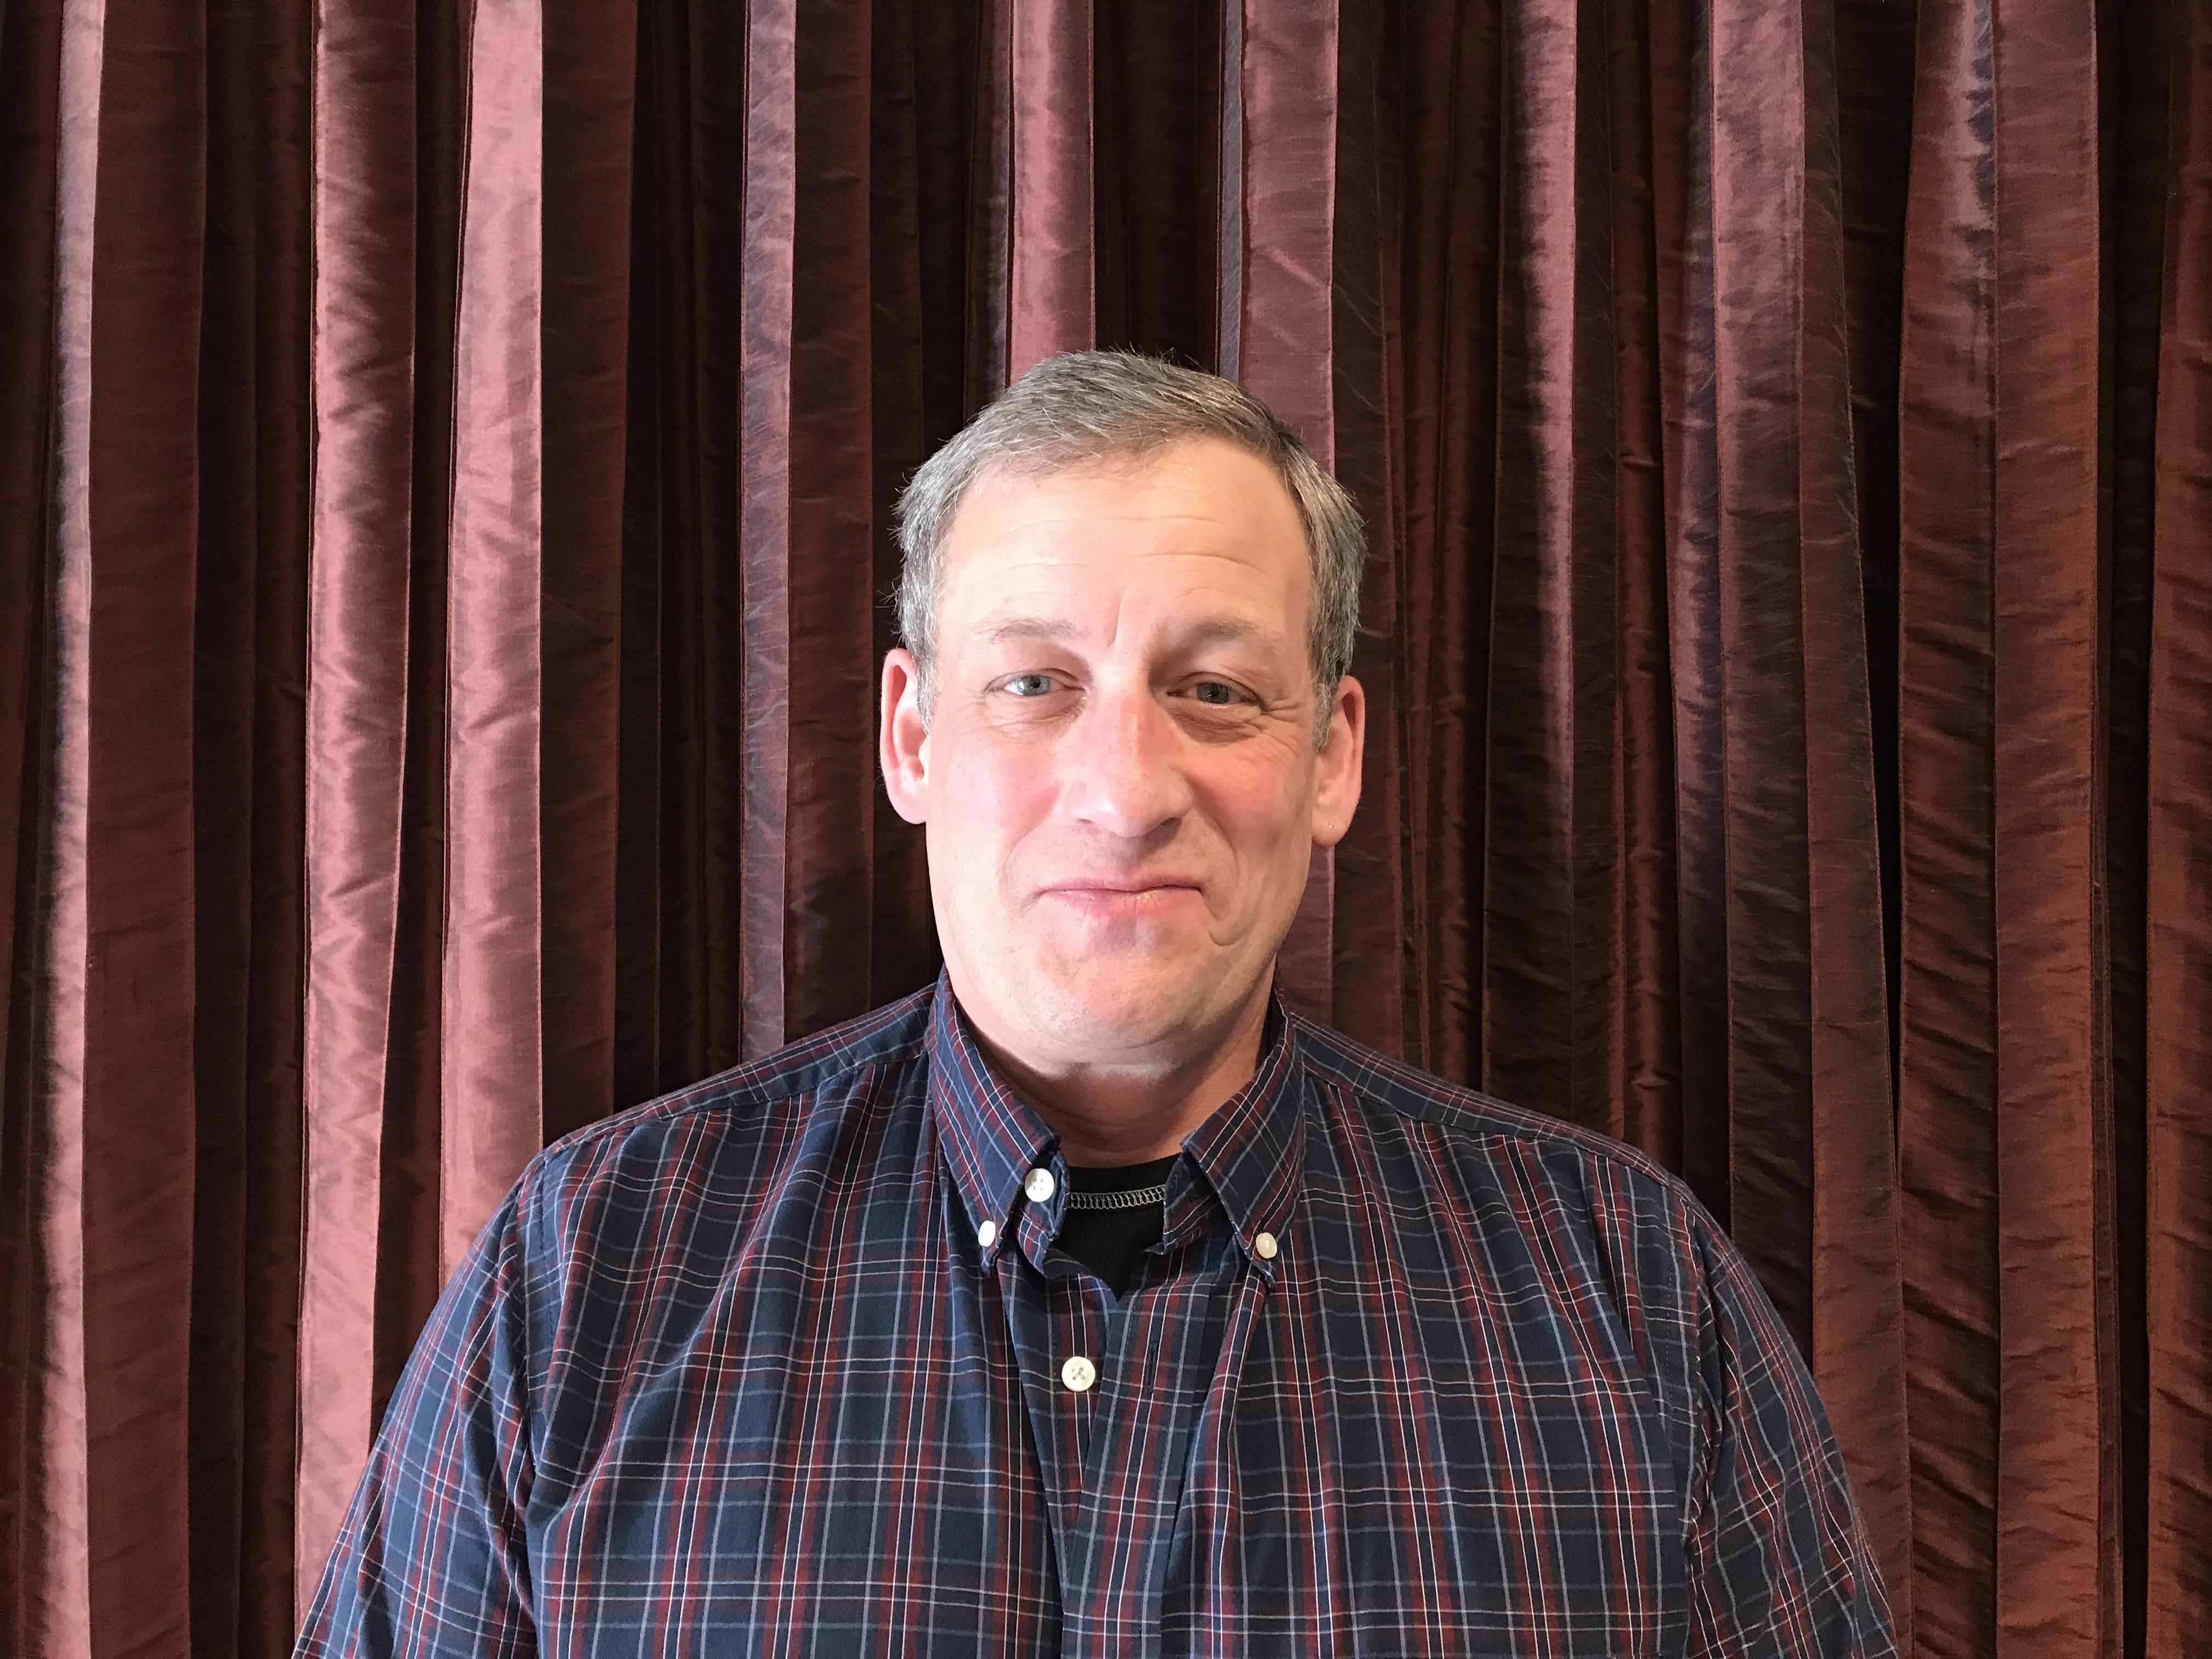 Tom Osthoff